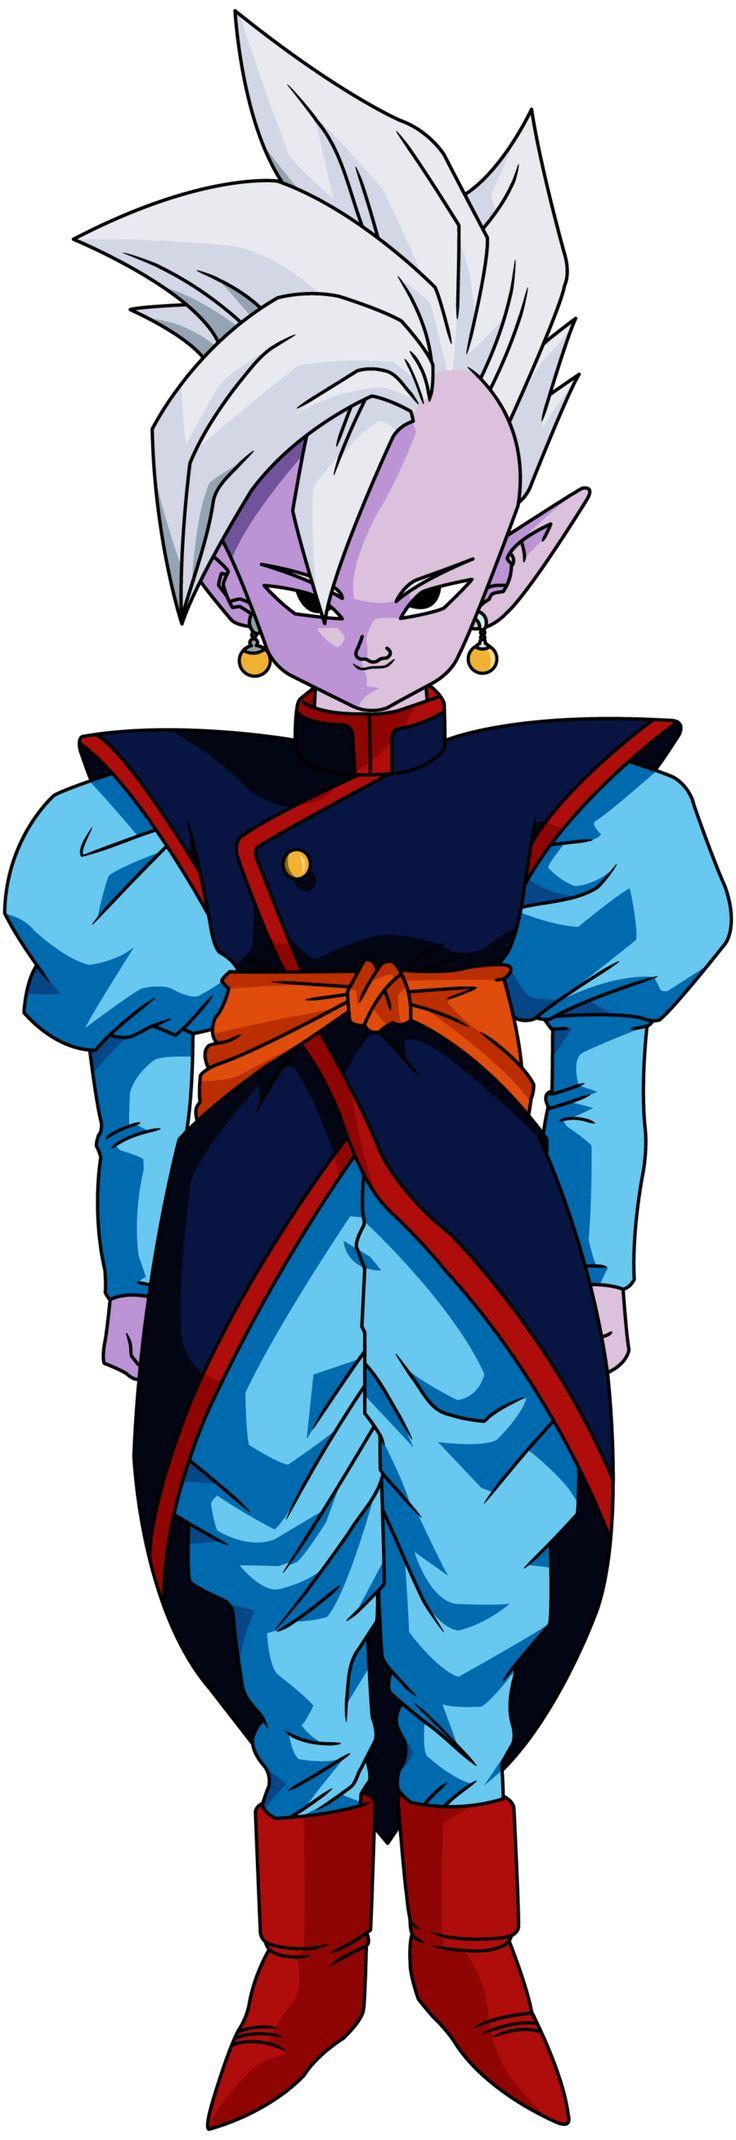 Kaioshin do Leste É o mais poderoso dos Kaioshins e tem um poder comparado aos Guerreiros Z. Ele foi a Terra para avisar Goku e Vegeta dos planos de Babidi para reviver Buu.